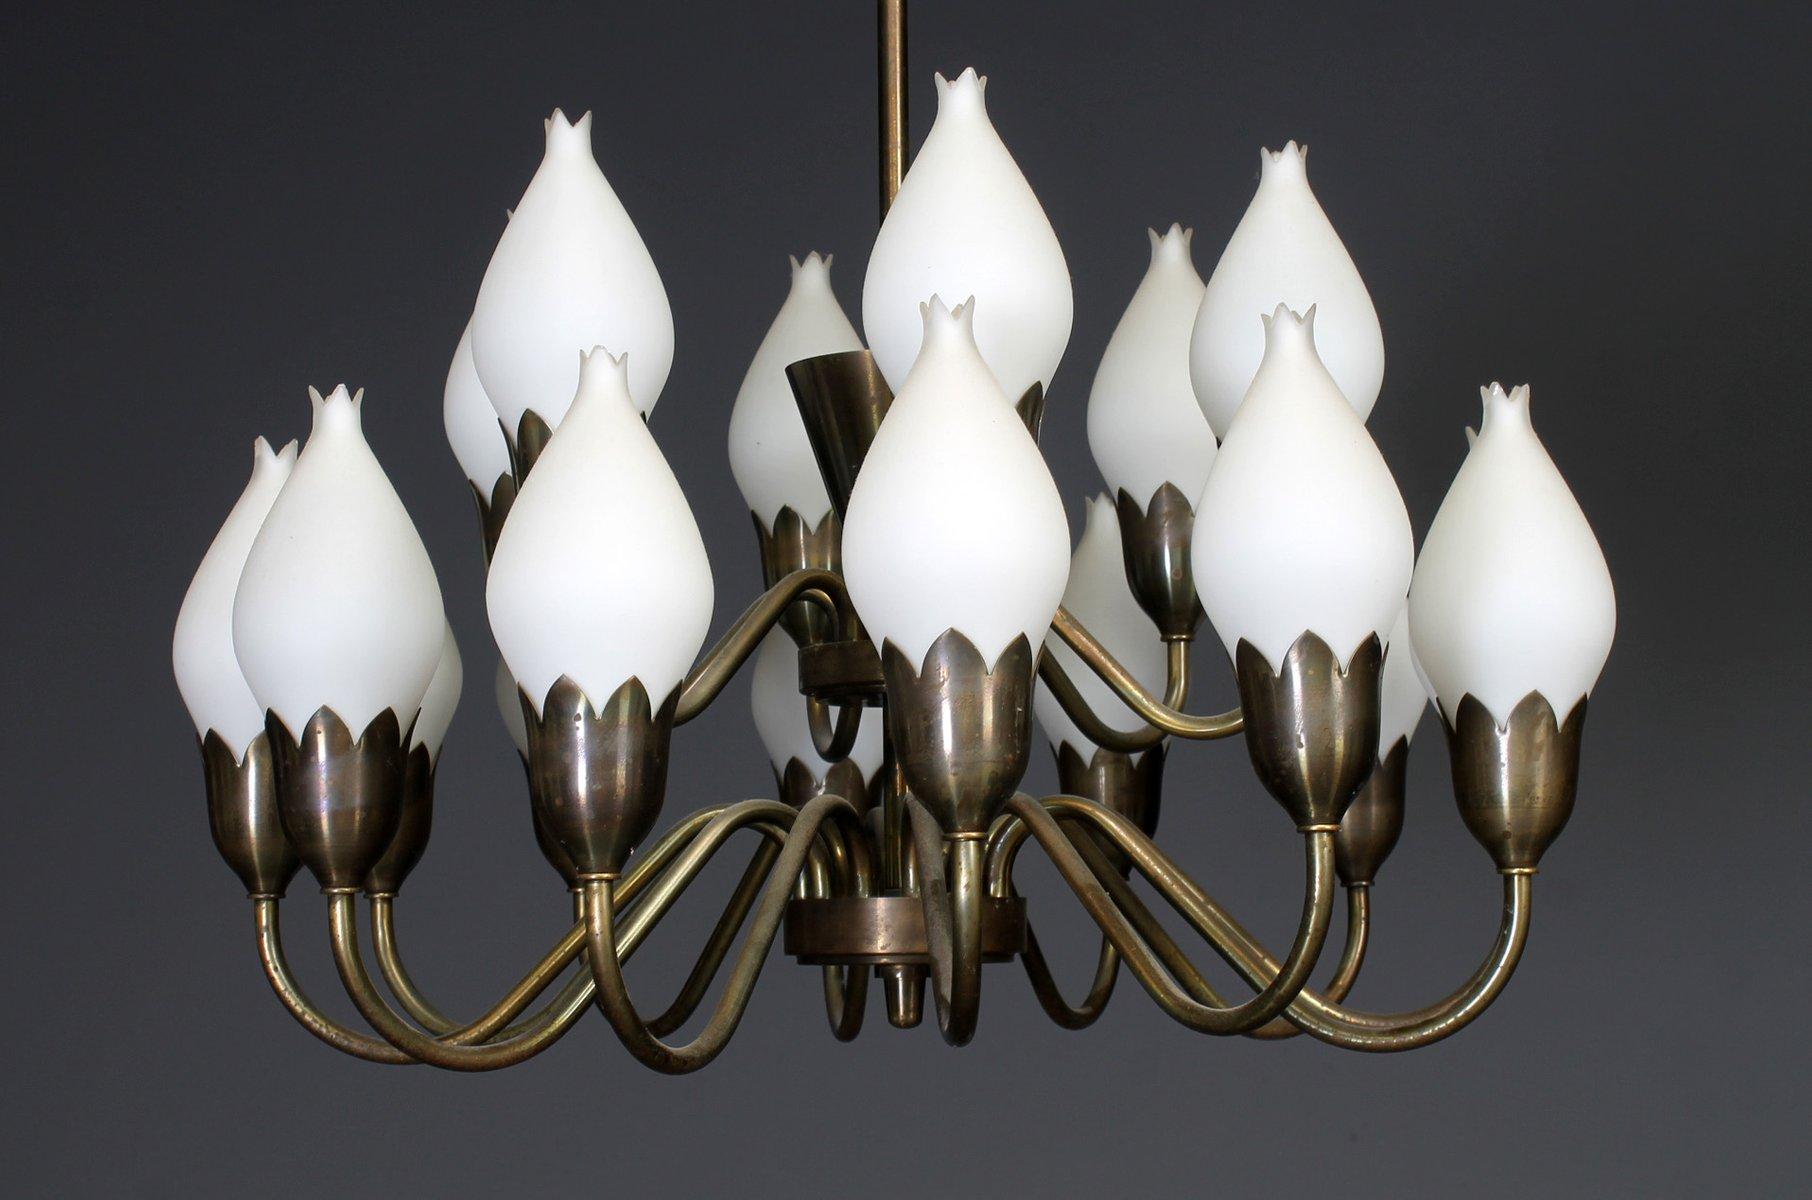 Lampenschirme Klein Kronleuchter ~ Lampenschirme klein kronleuchter: kronleuchter klassische bronze mit